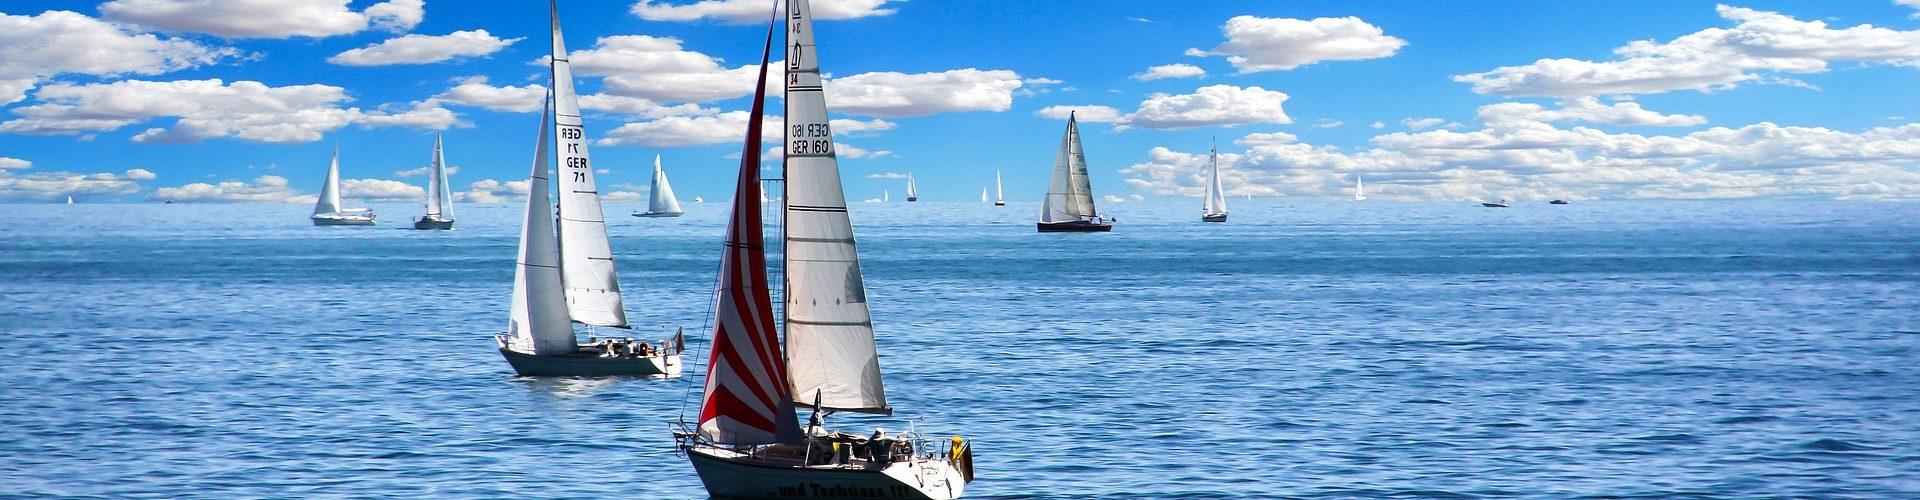 segeln lernen in Montabaur segelschein machen in Montabaur 1920x500 - Segeln lernen in Montabaur